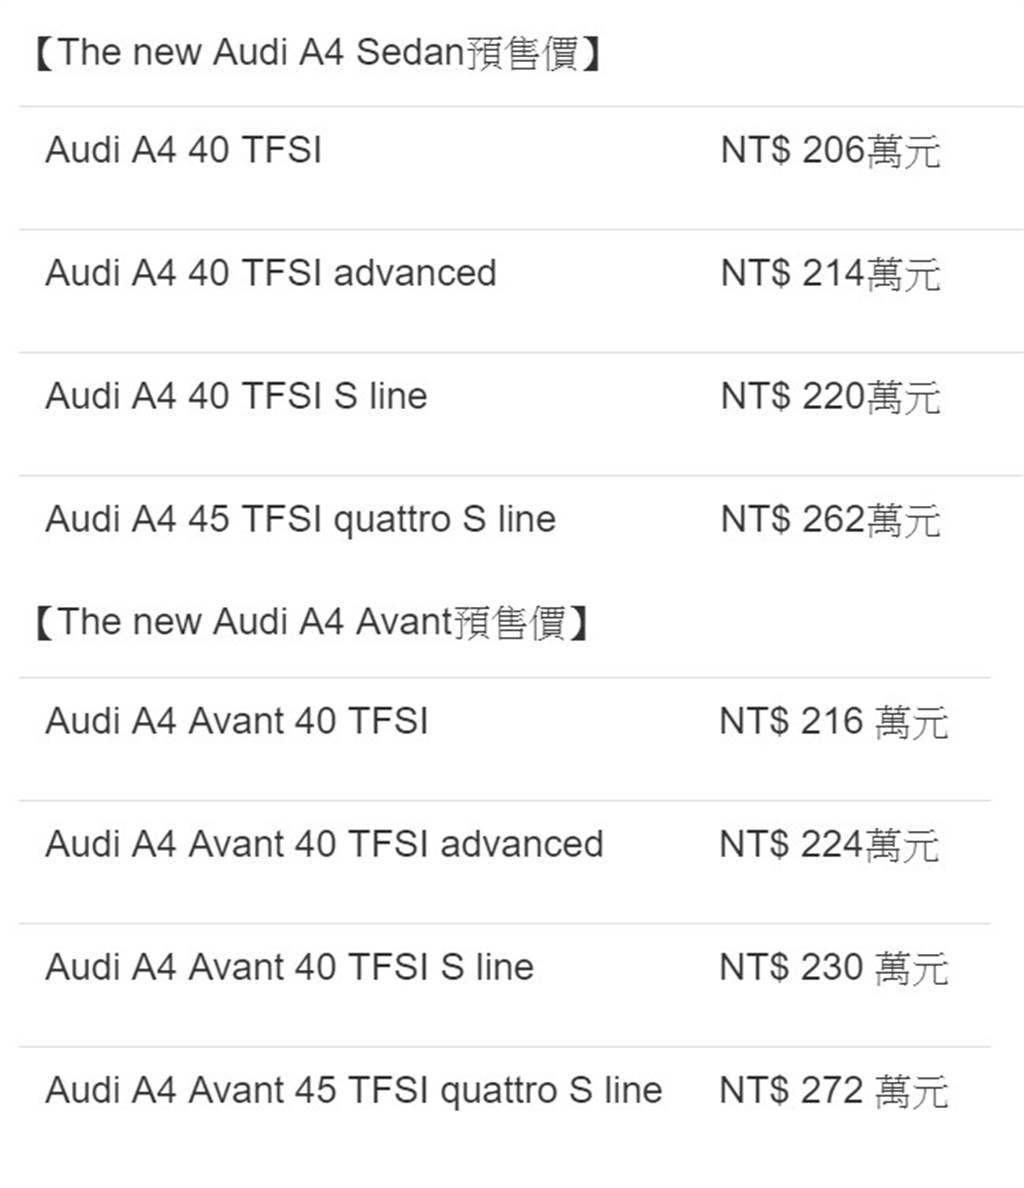 A4/A4 Avant車型預售價